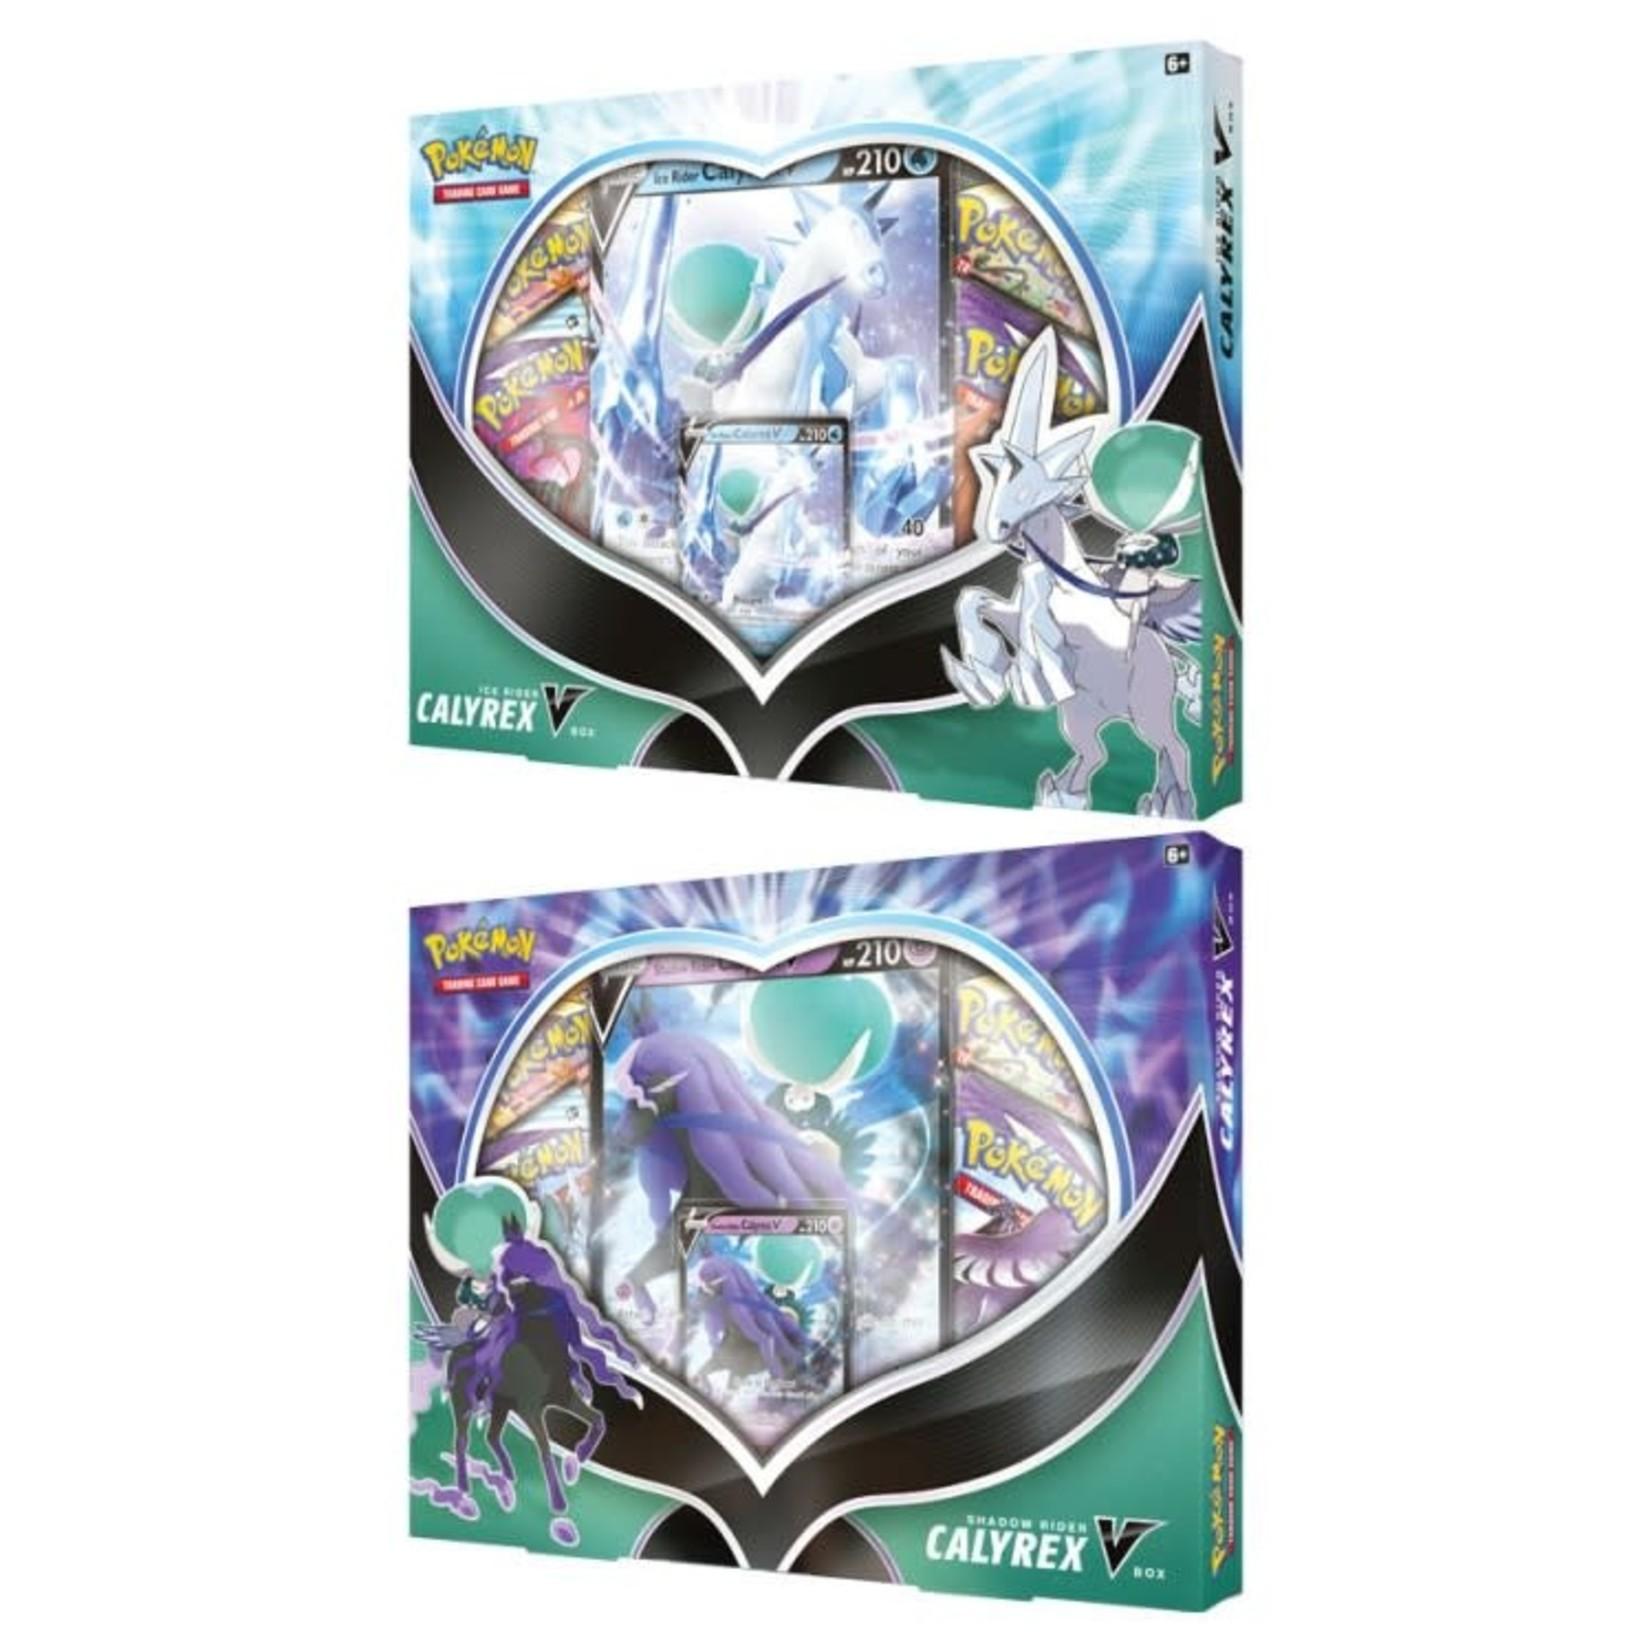 Pokemon International Pokemon Calyrex V Box